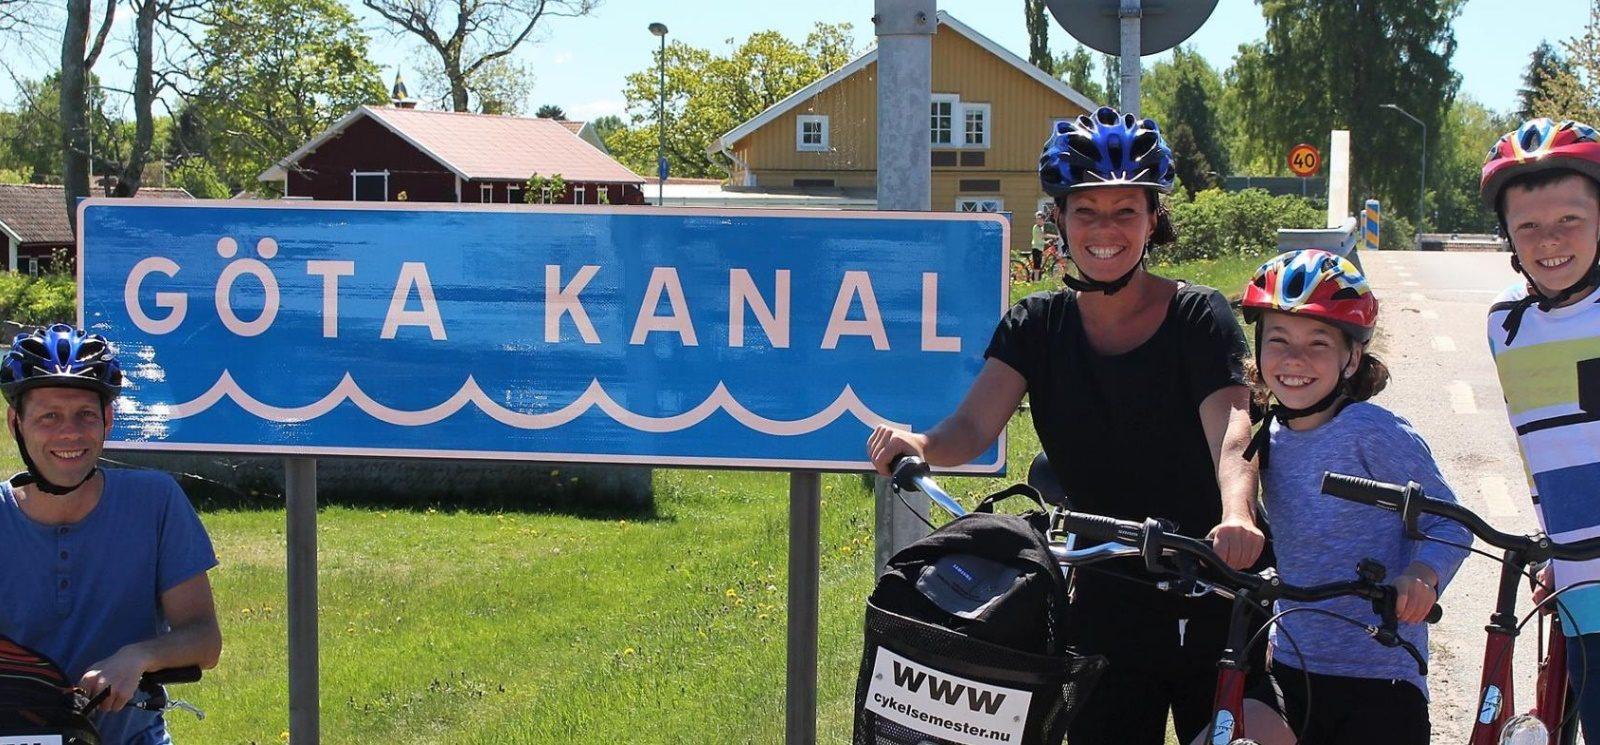 Cykelpaket familjeäventyr Göta kanal